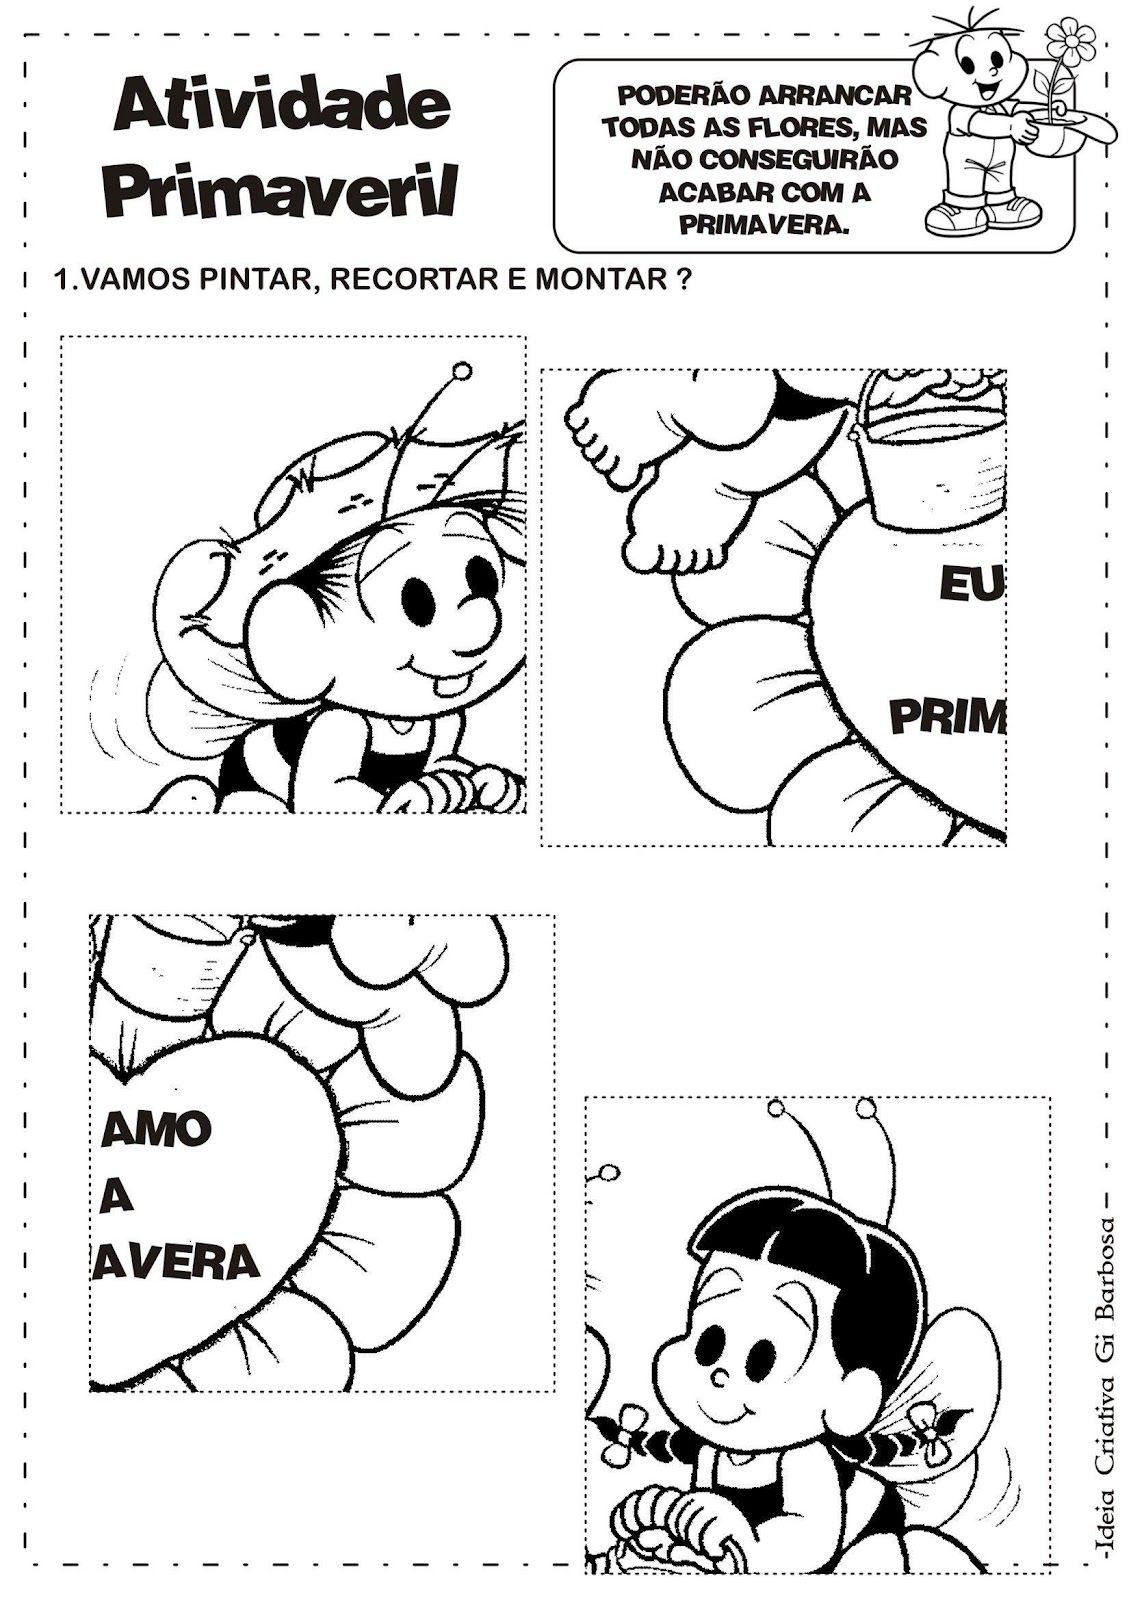 Atividade Primavera C3 81lbum Ideia Criativa Gi Barbosa 9